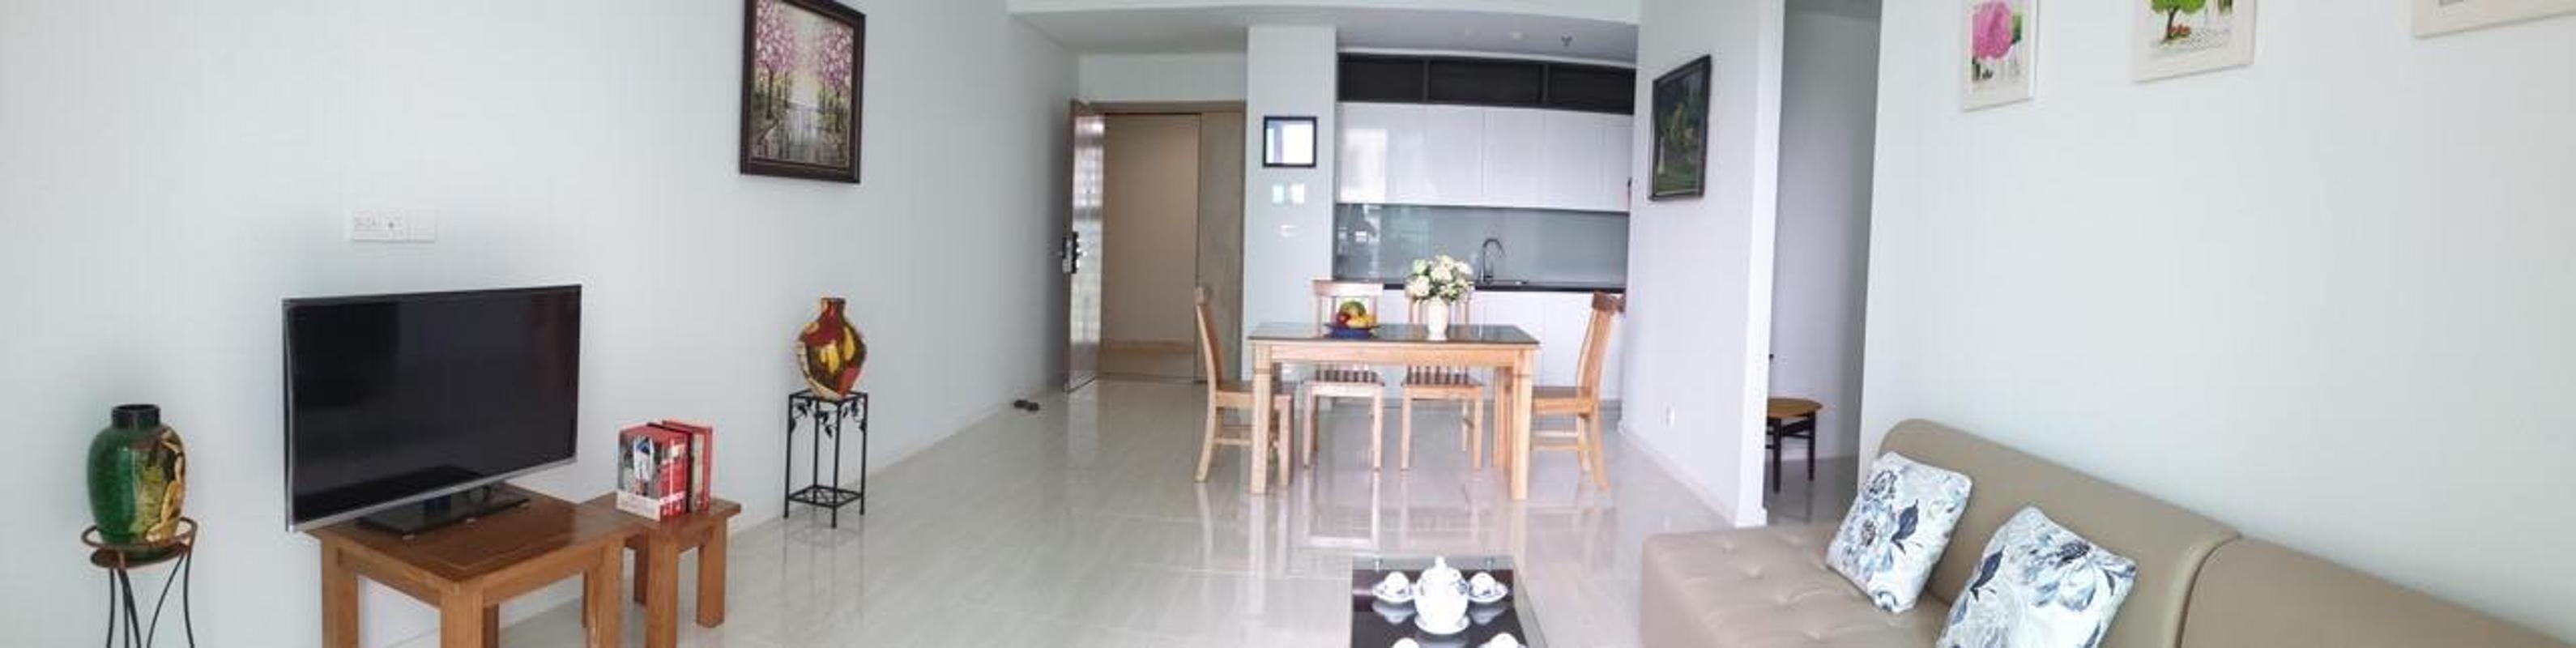 101 Cho thuê căn hộ Sadora Apartment 3PN, tầng trung, diện tích 90m2, đầy đủ nội thất, view sân vườn